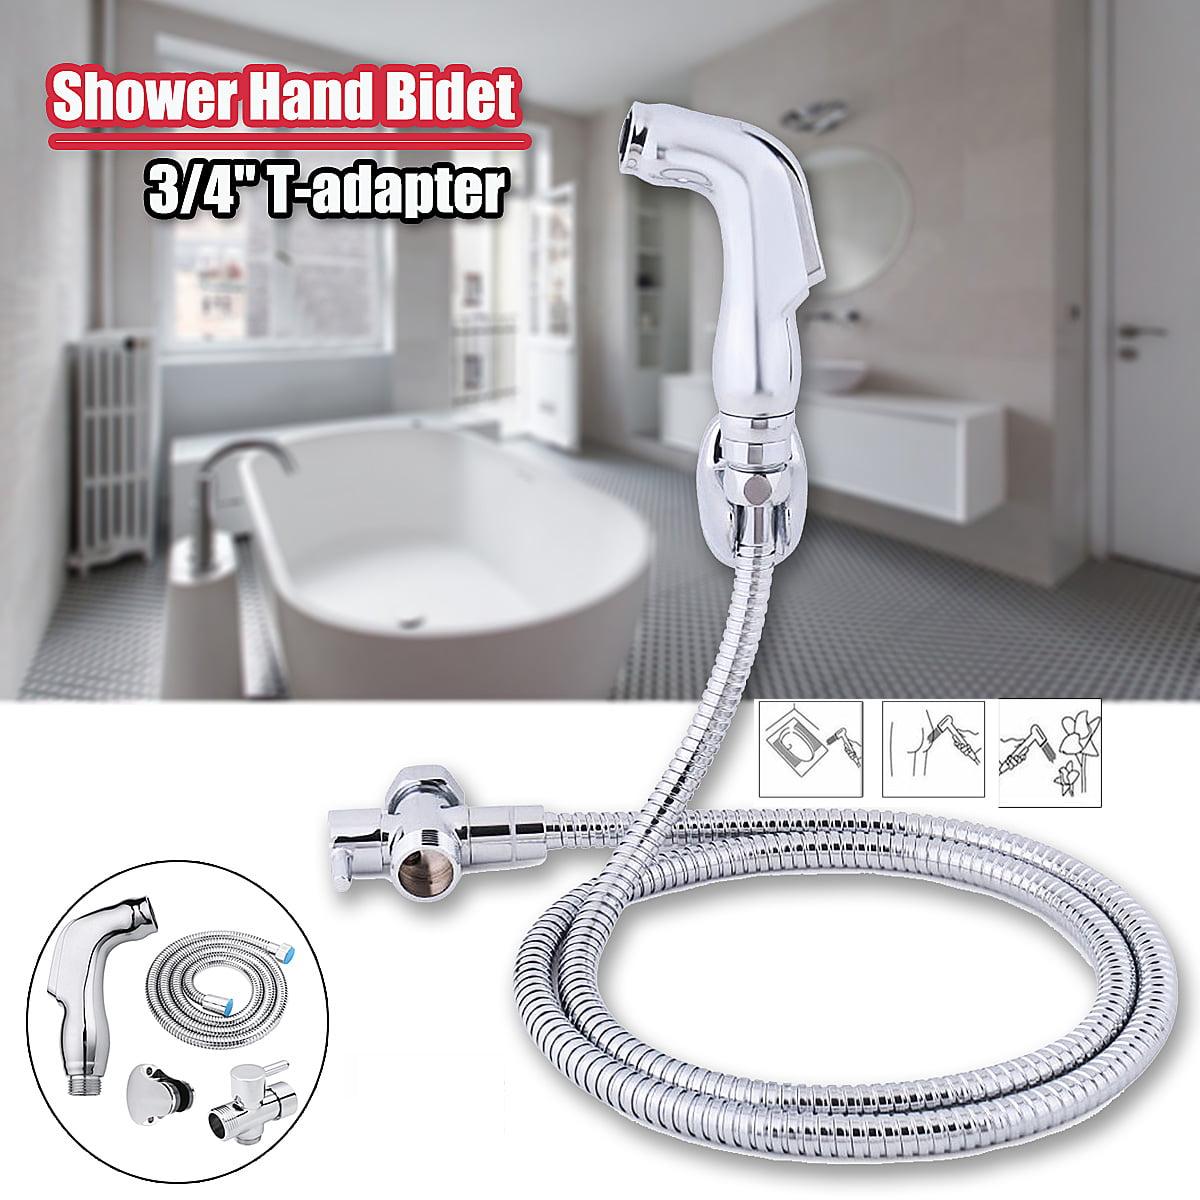 ABS Faucets Hand Held Bidet Shower Bathroom Spray 3/4  T-adapter Full Set Sprayer Jet